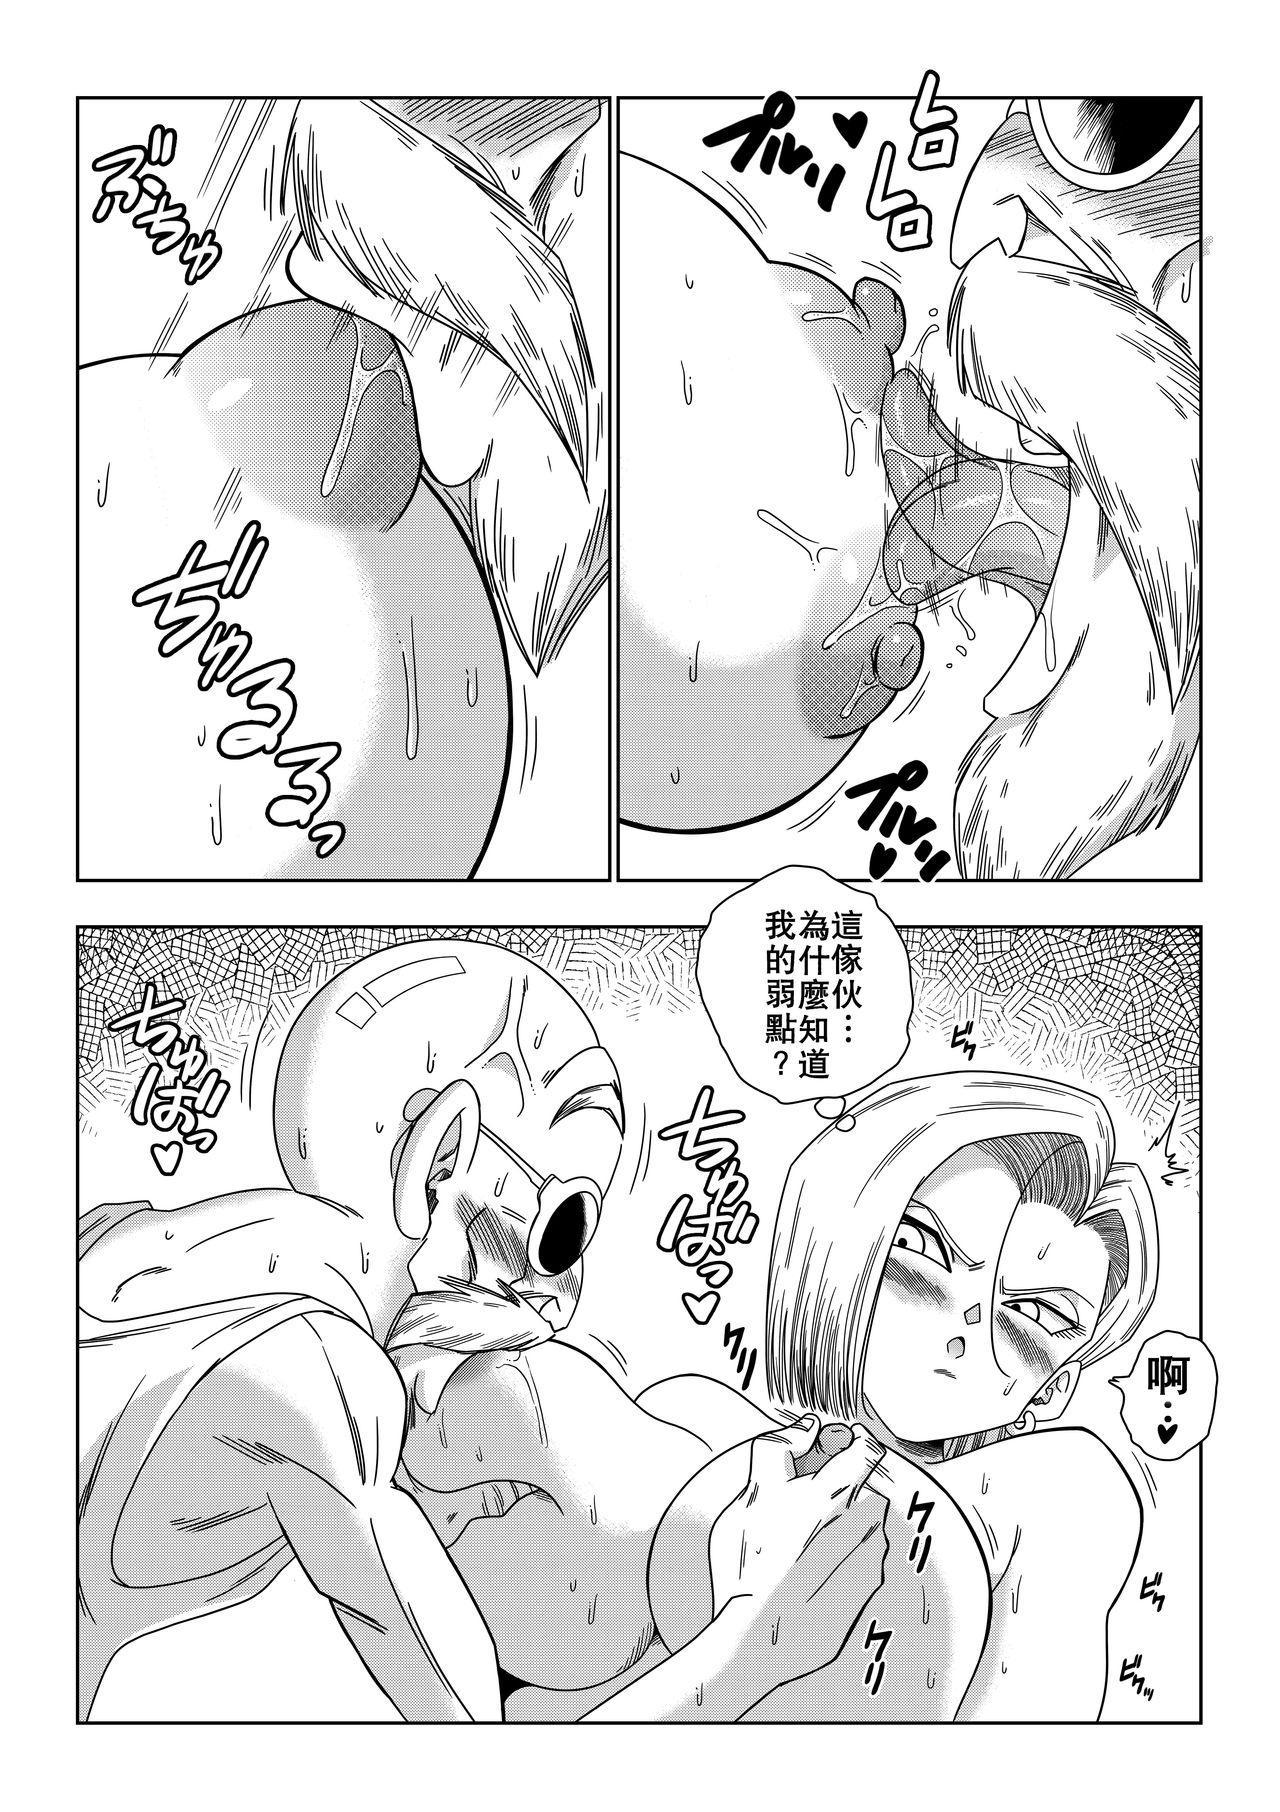 18-gou vs Kame Sennin 8